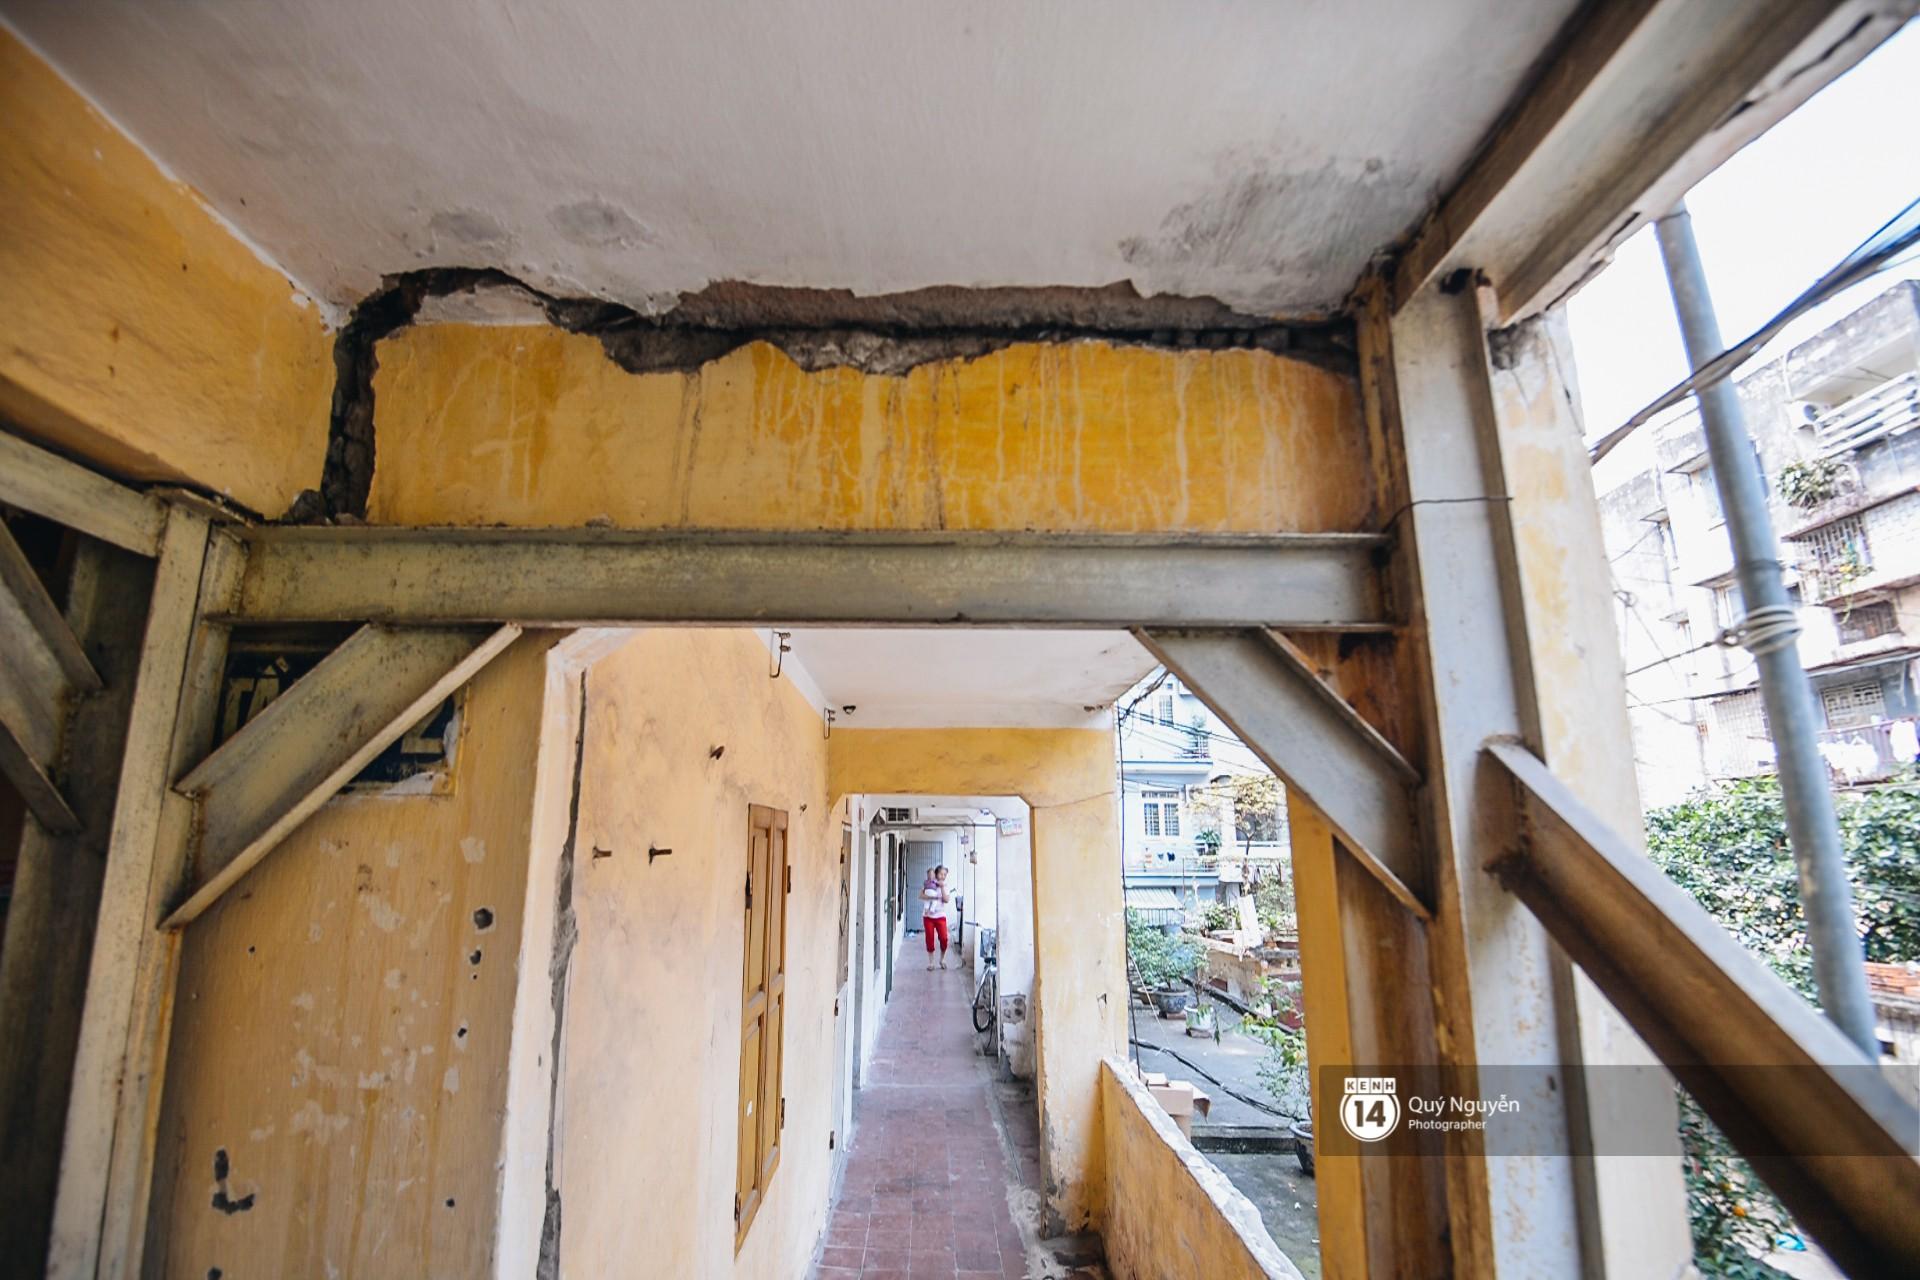 Chùm ảnh: Thấp thỏm sống trong chung cư tử thần đầy những vết nứt ở Hà Nội - Ảnh 5.